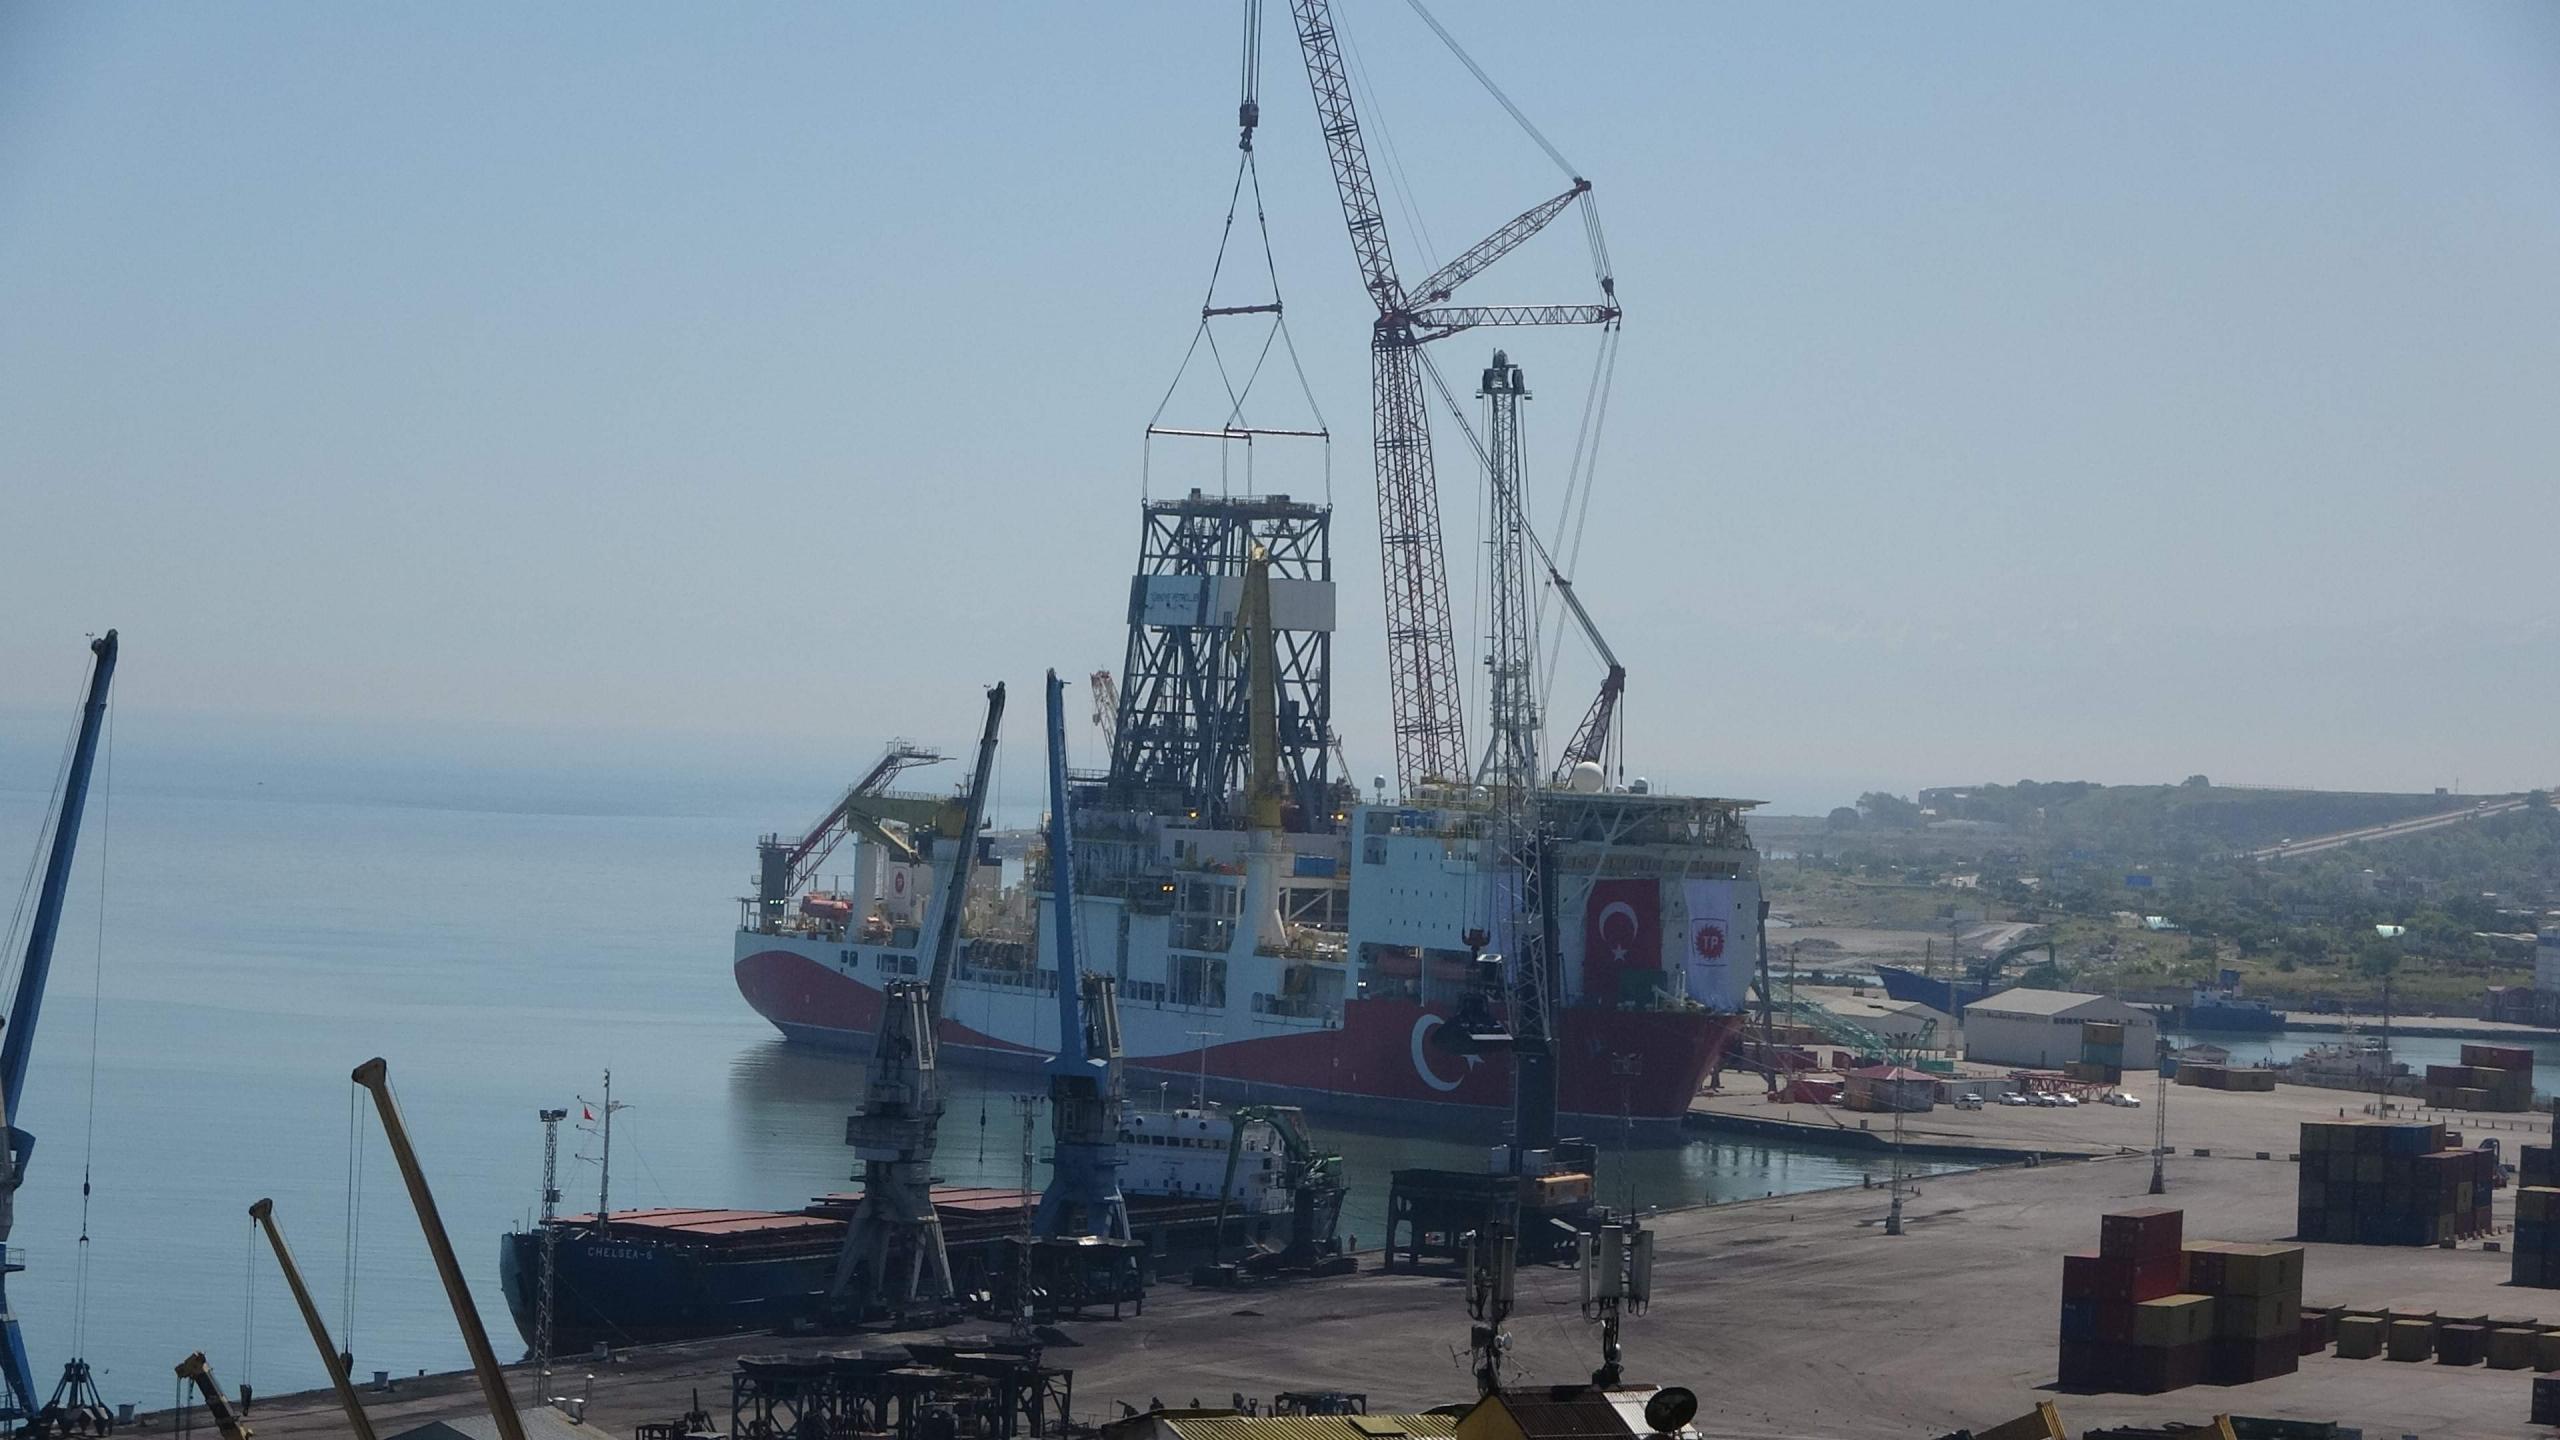 Boğazdan Karadeniz'e geçişi öncesi kuleleri sökülmüştü, Trabzon'da yerine monte ediliyor